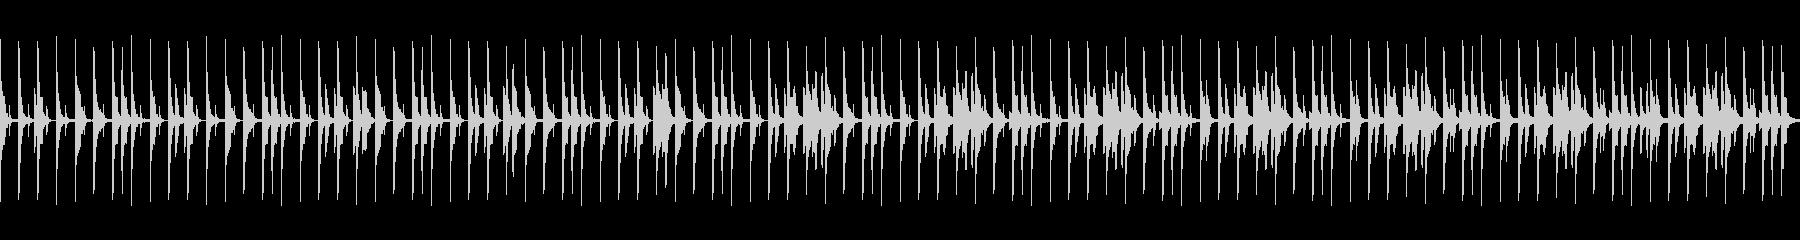 ゆったりファンキーなドラムループ03の未再生の波形